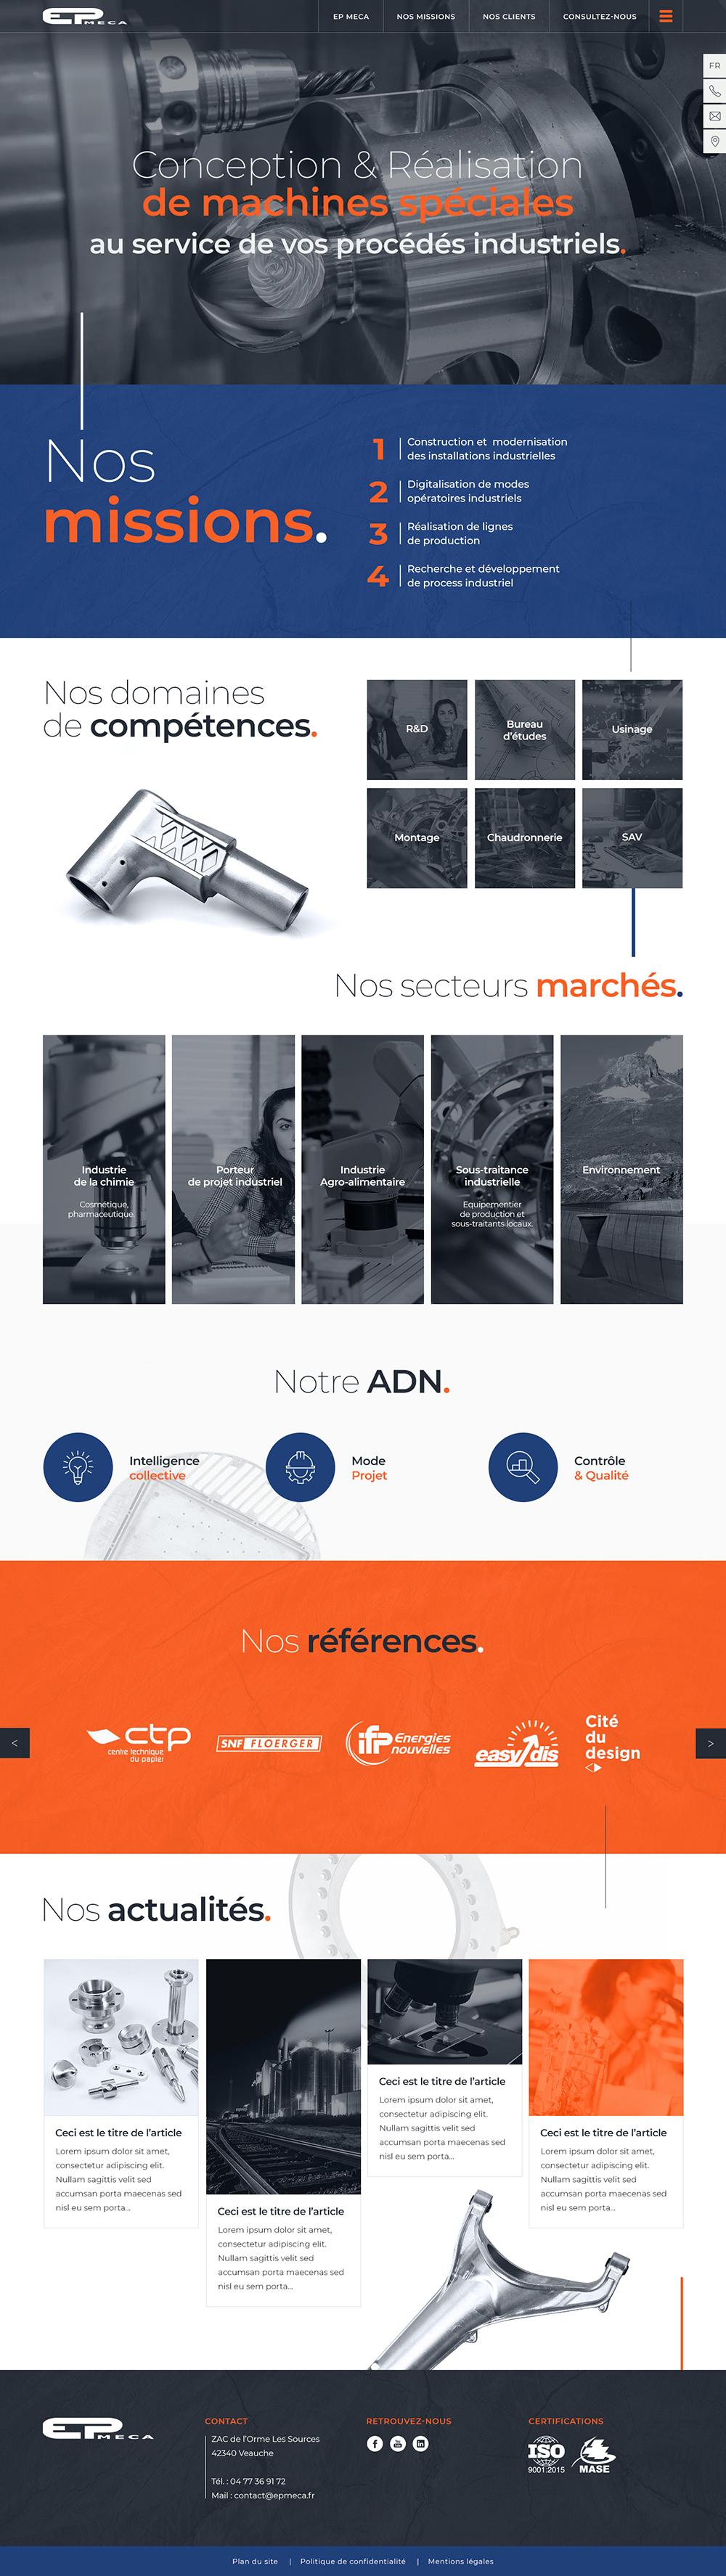 byedel_webdesign_epmeca_actioncom